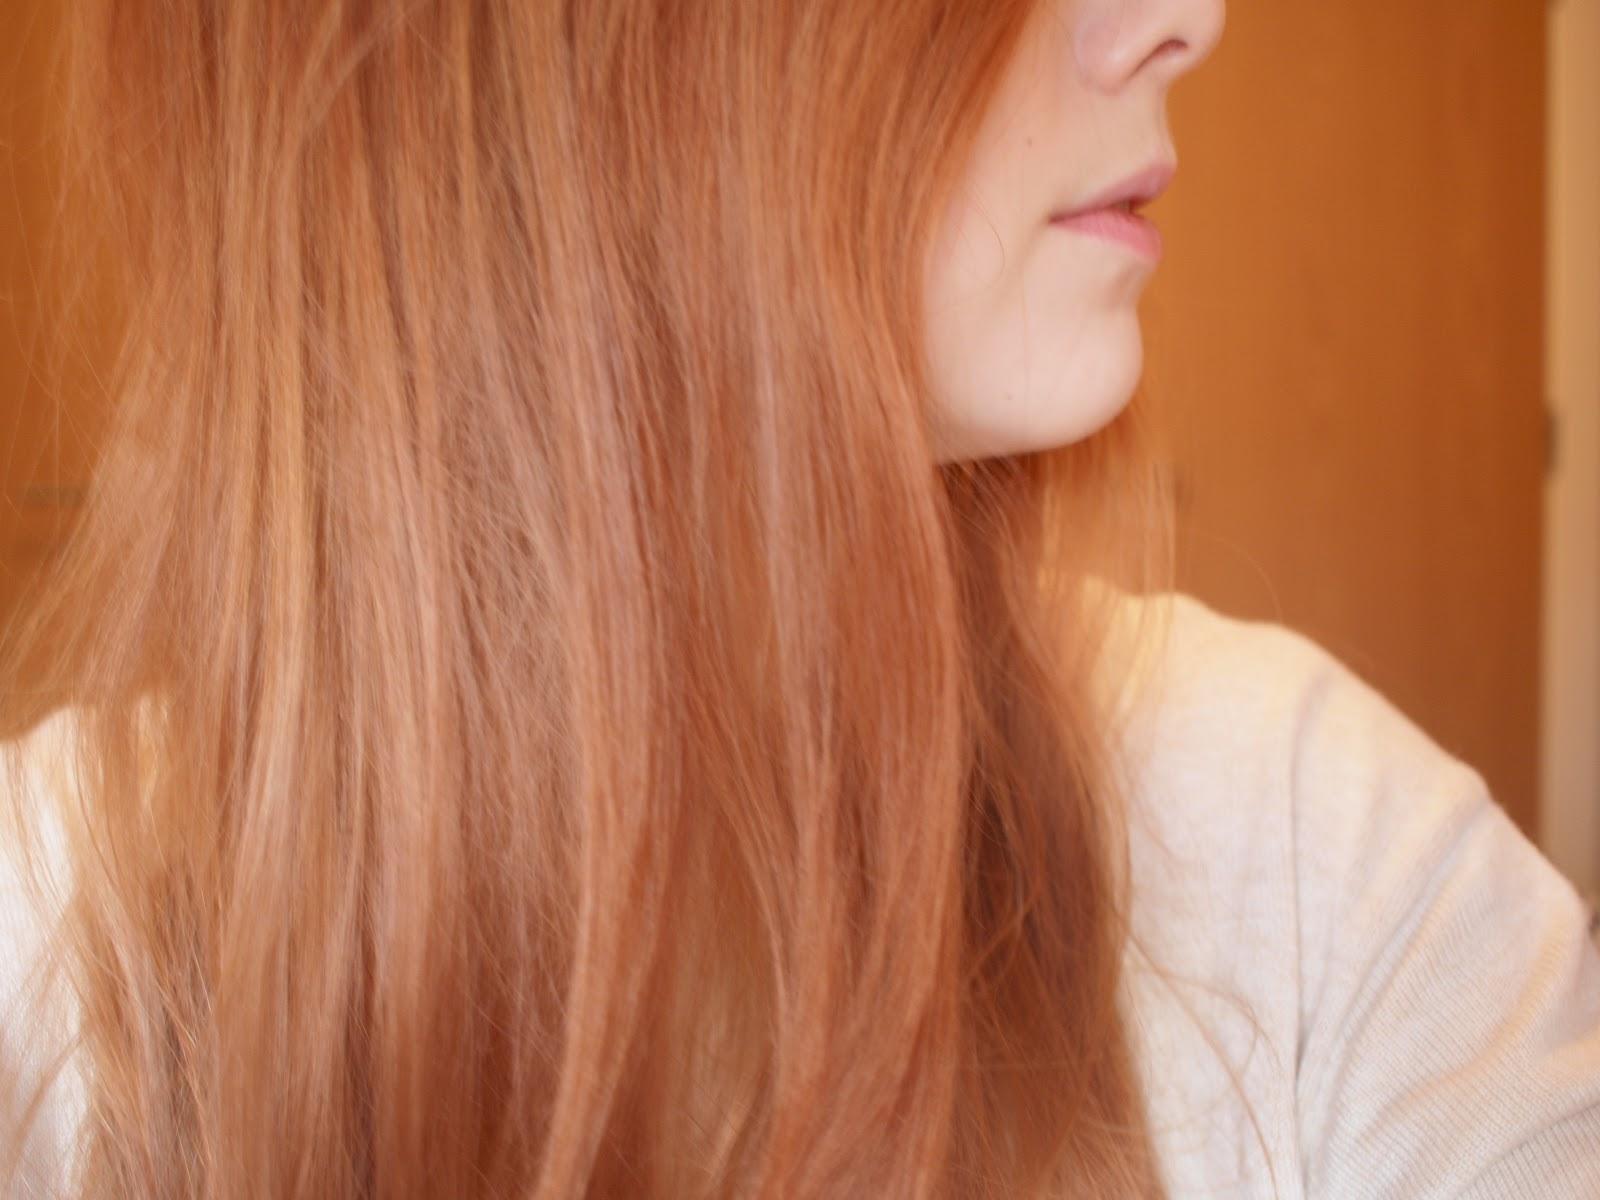 Review Inoa Loreal Hair Color At Rush Kensingtoncapitec Internet